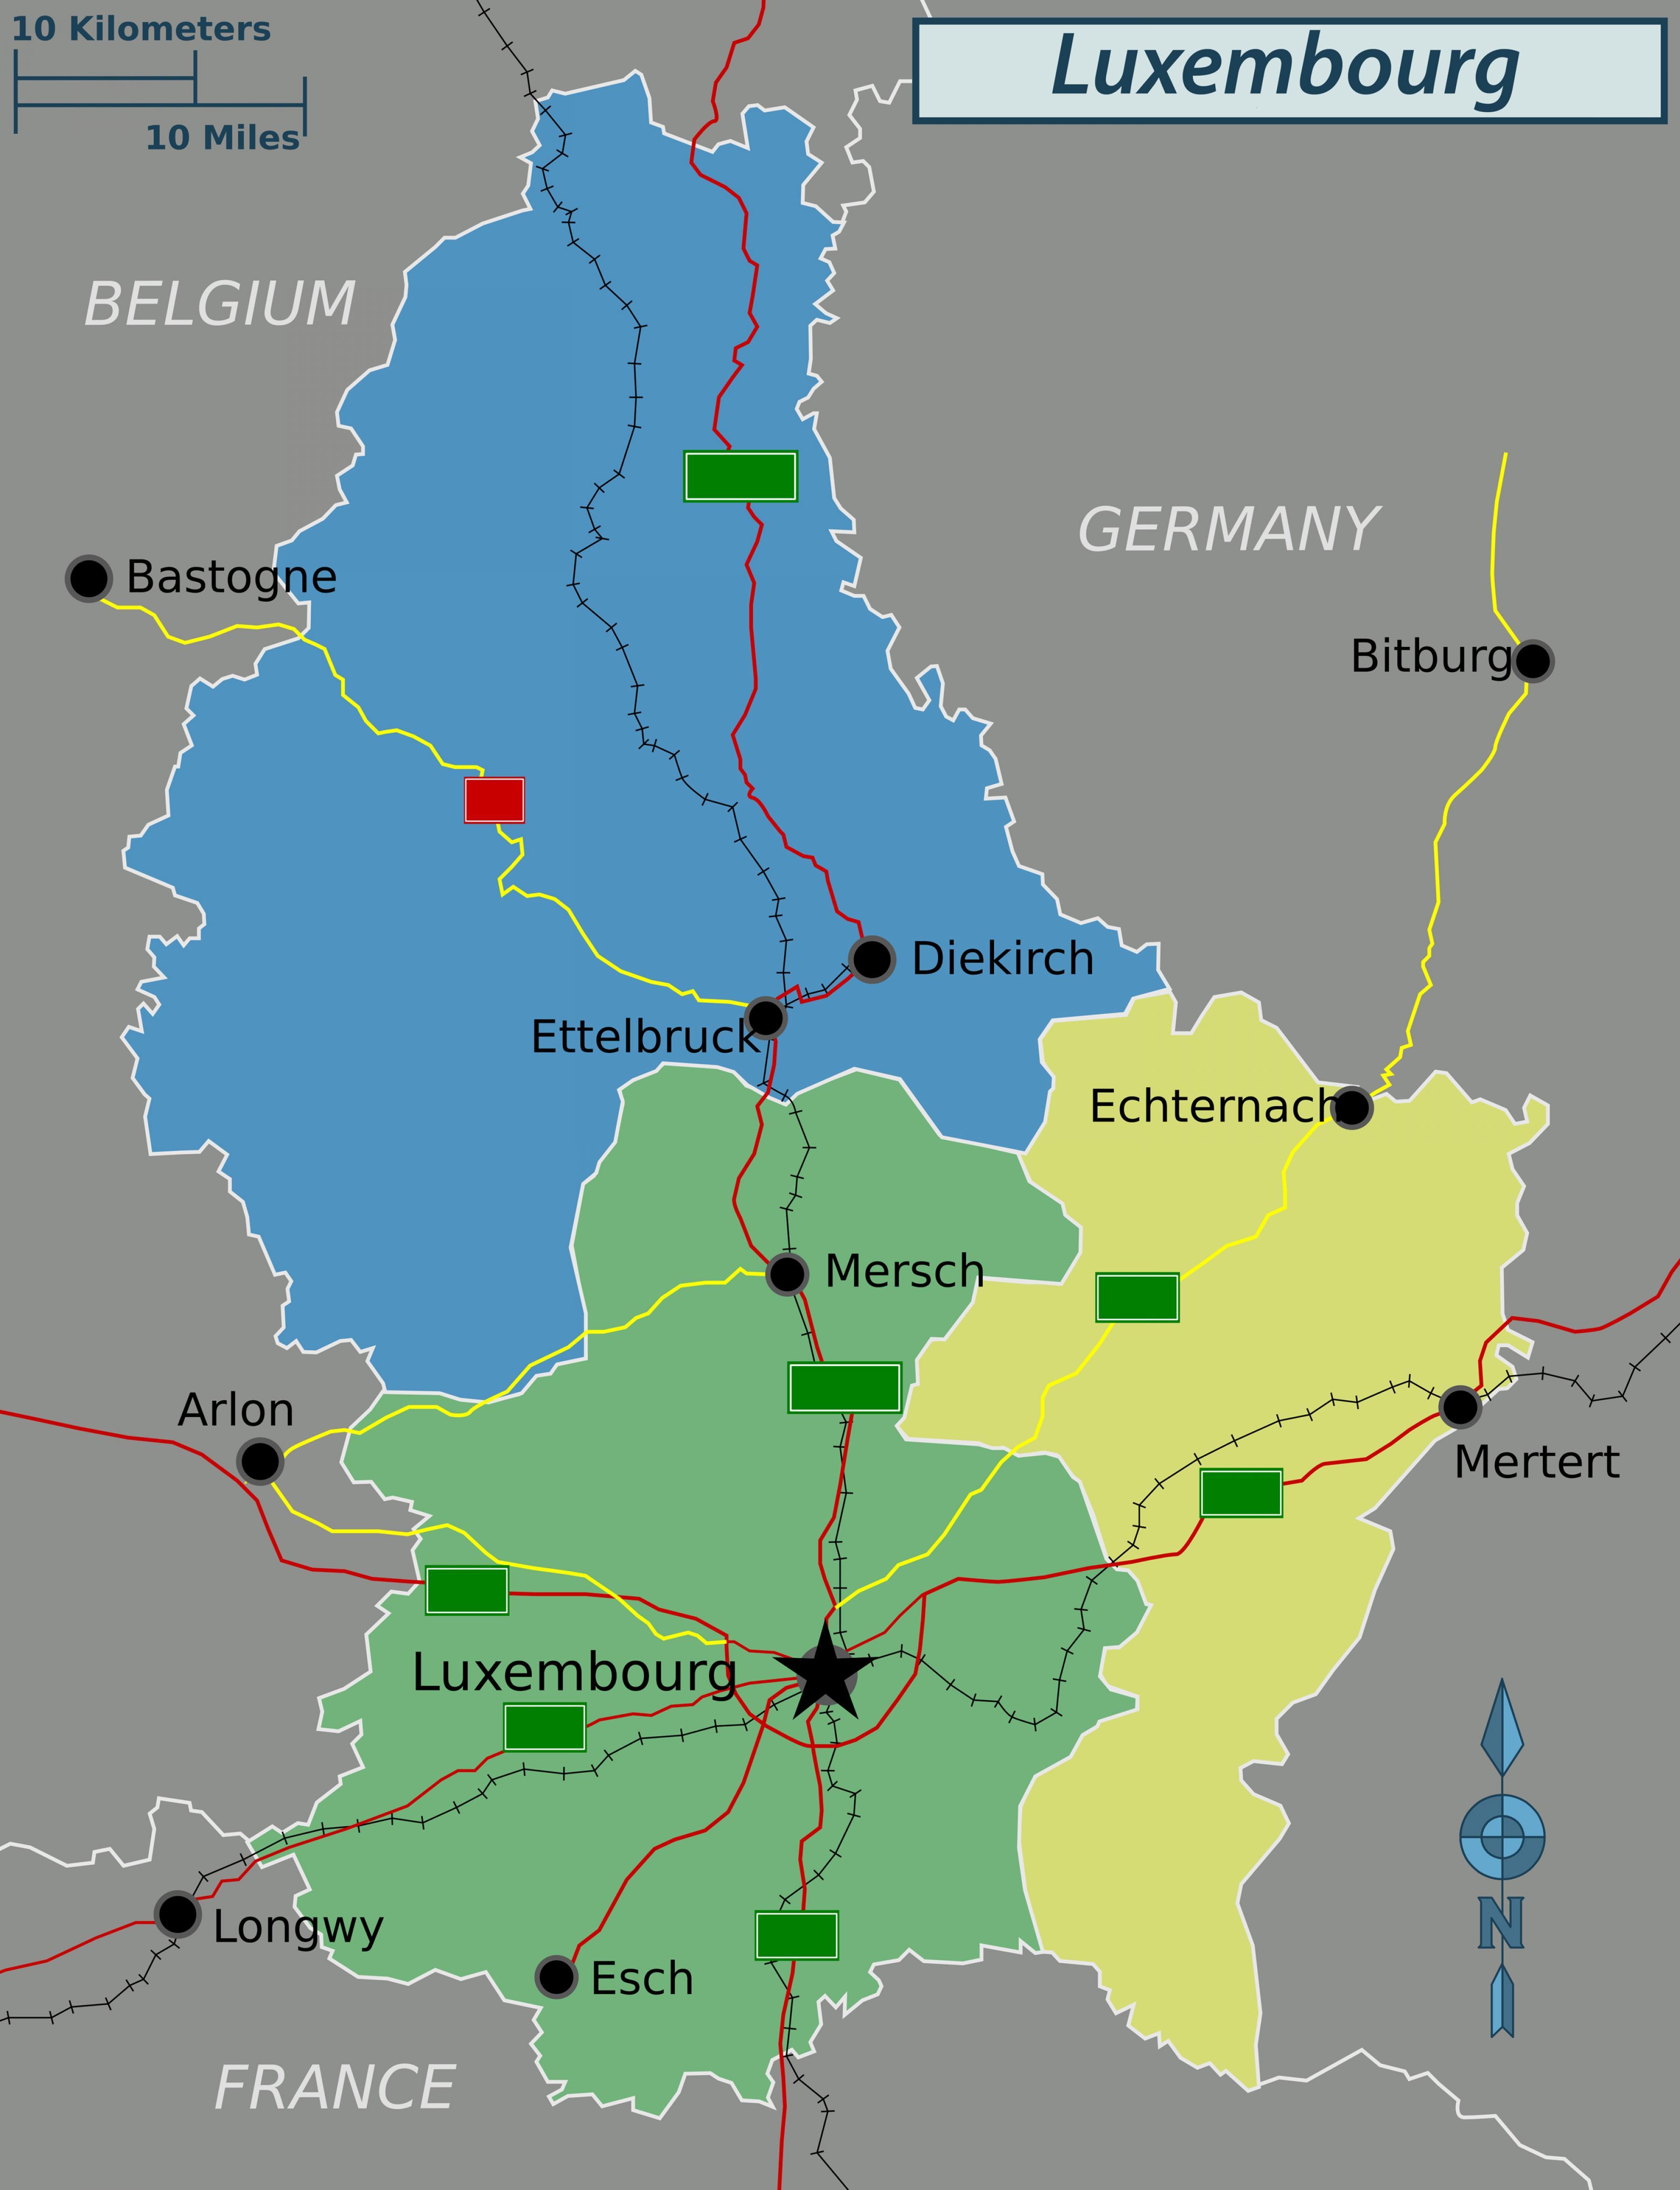 Luxembourg Politiske Kort Kort Over Luxembourg Politiske Det